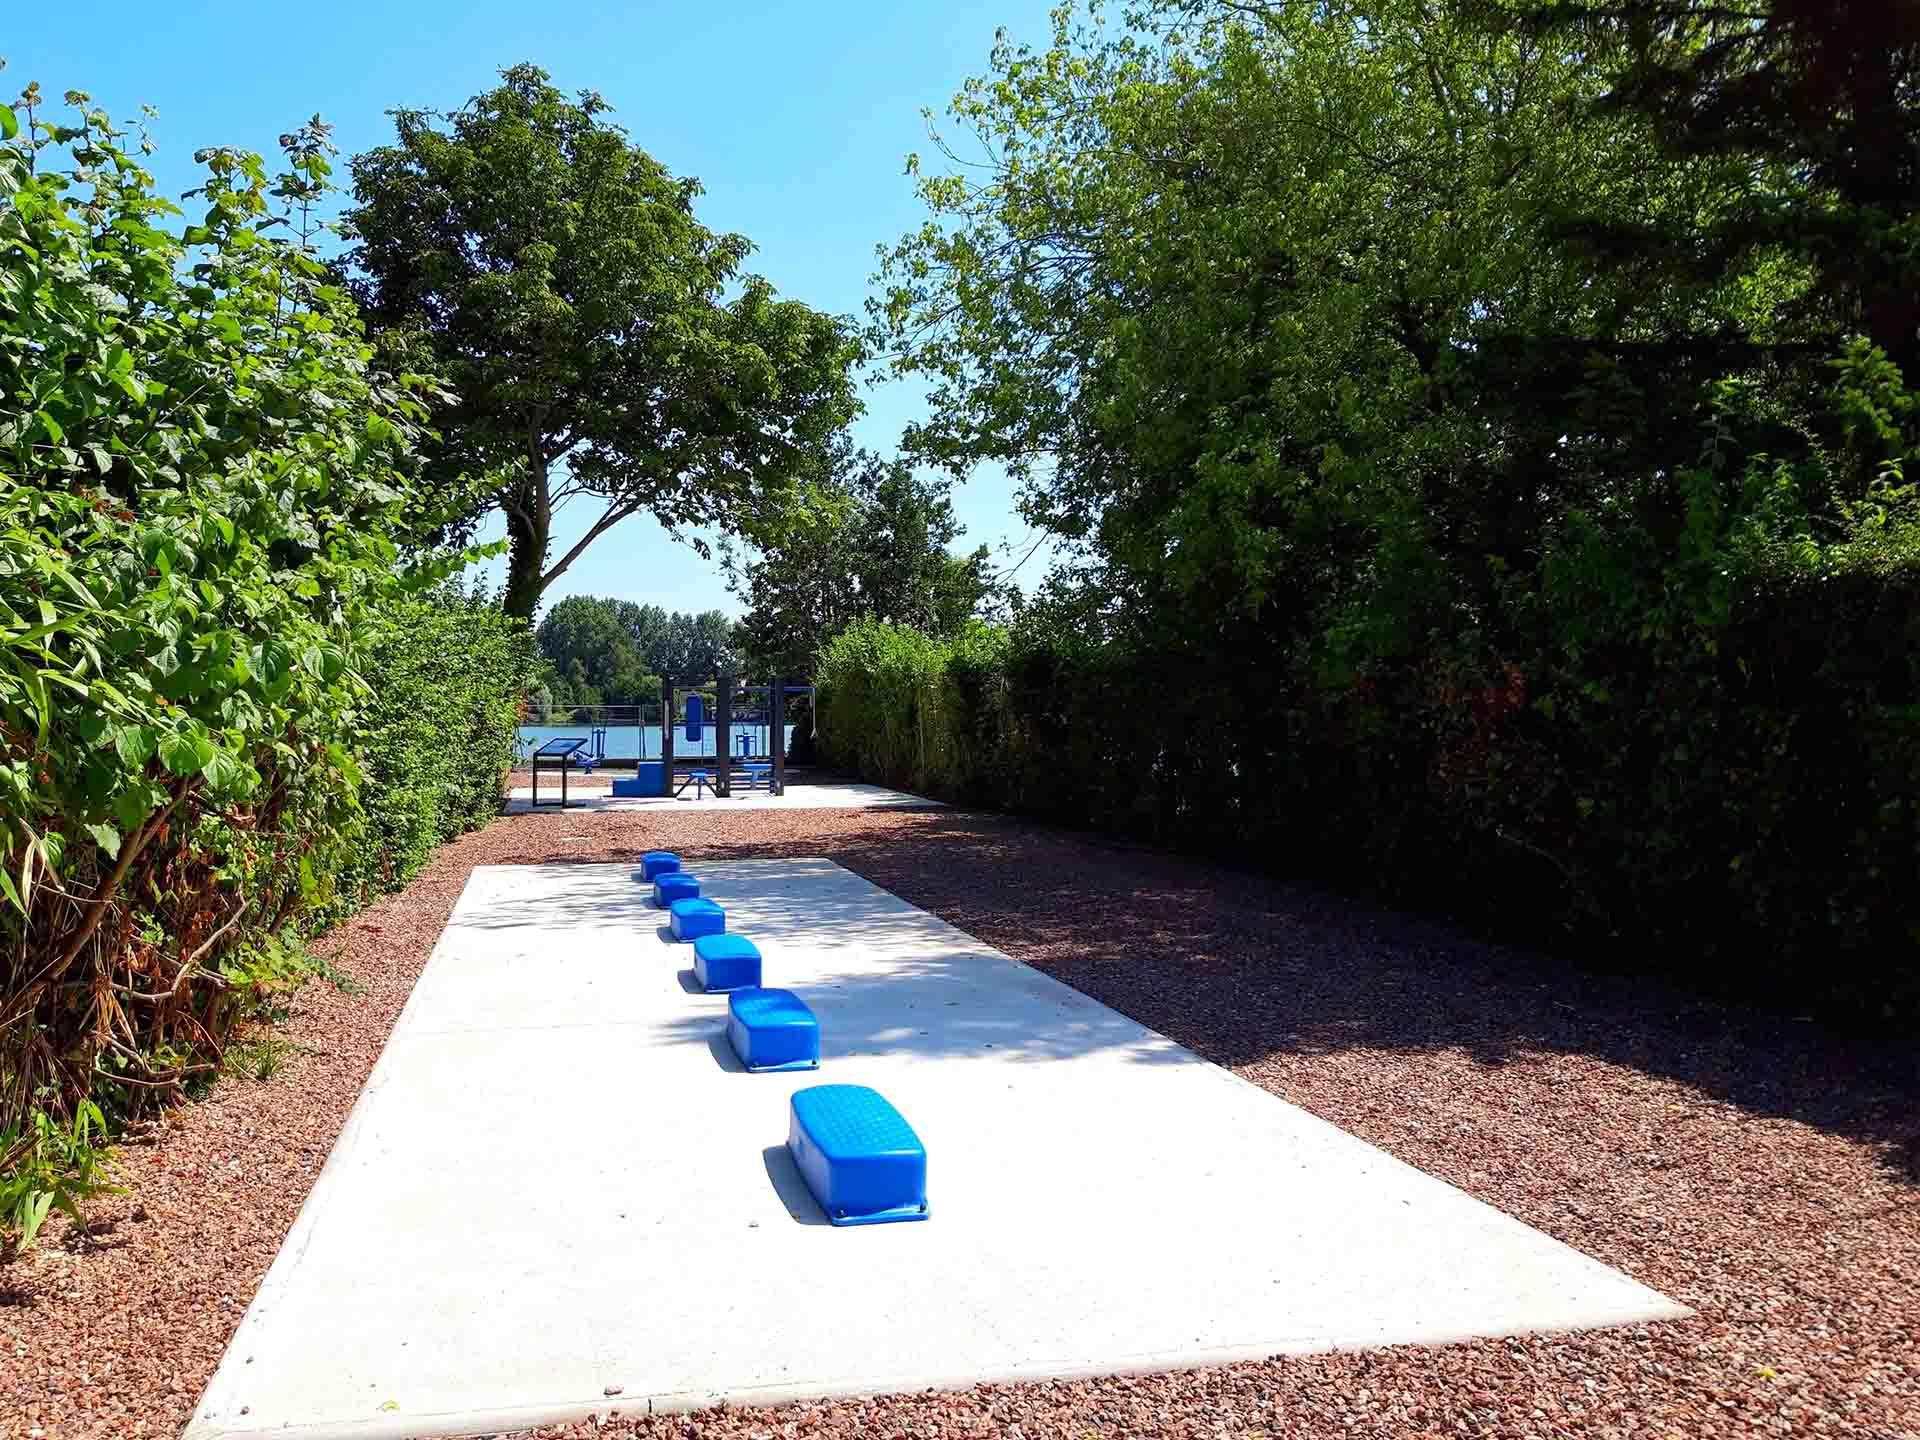 Photo des équipements sportifs bleus en extérieur à côté de l'Etang d'Ardres